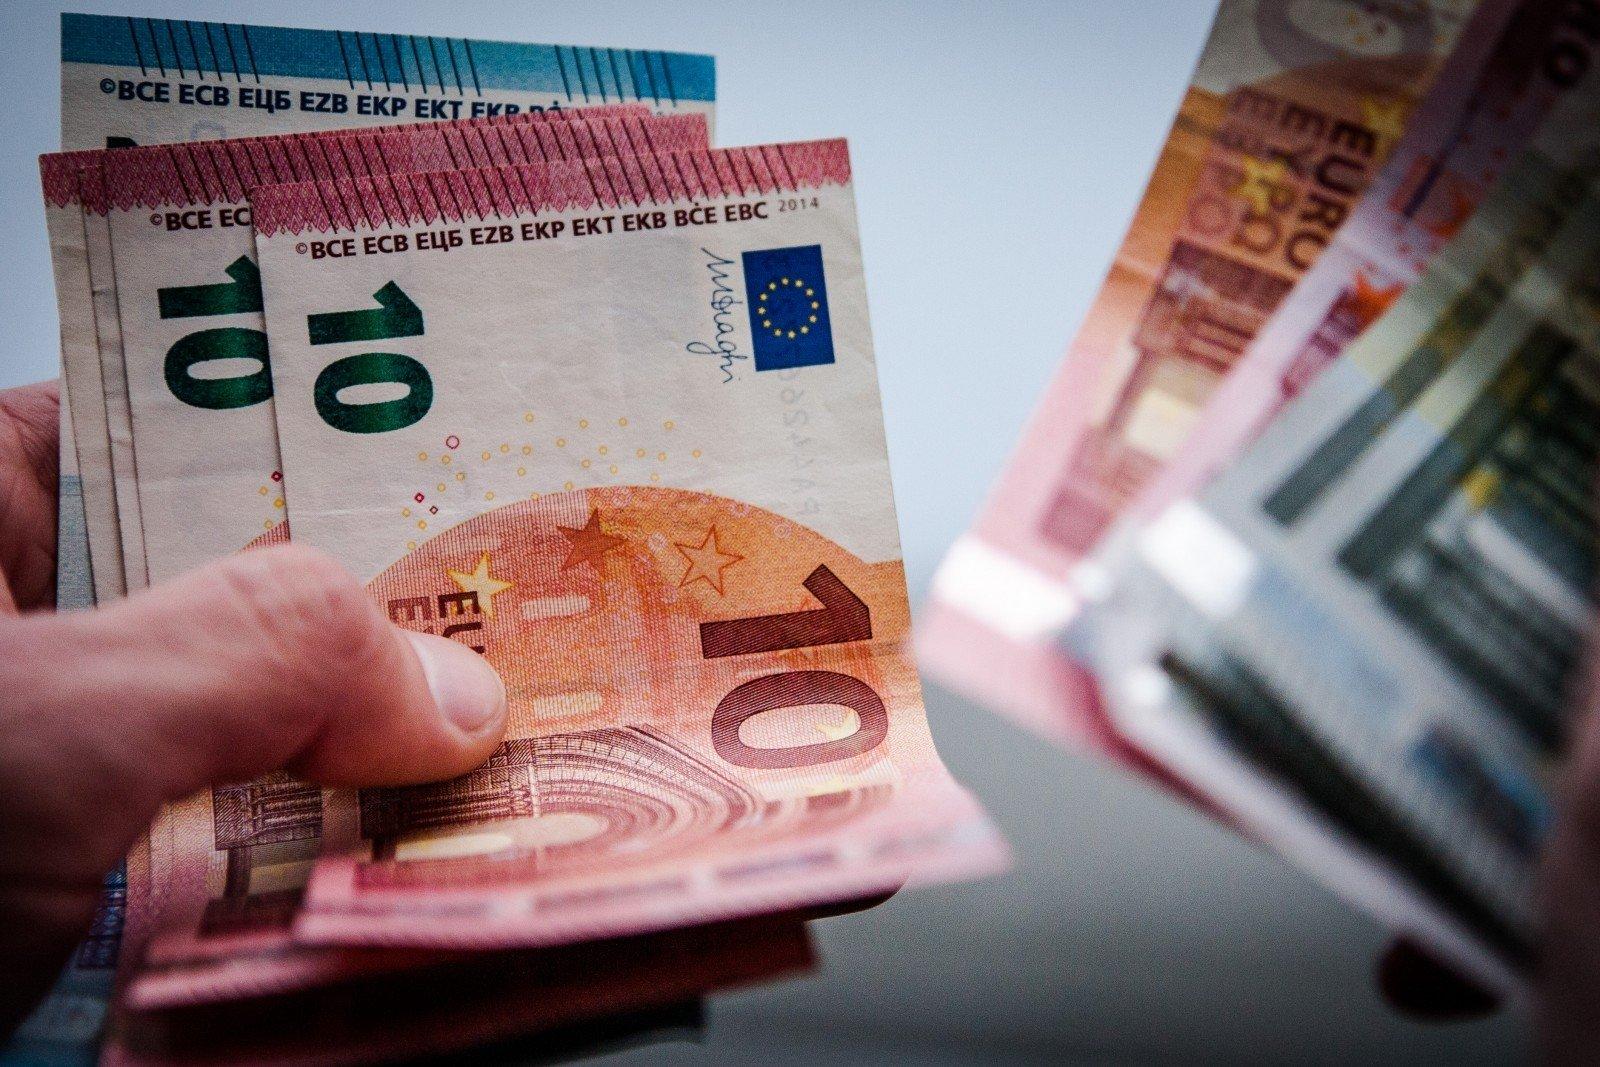 Komentaras: Dideli pinigai – didelis džiaugsmas, didelė našta | Žmonėlgpf.lt